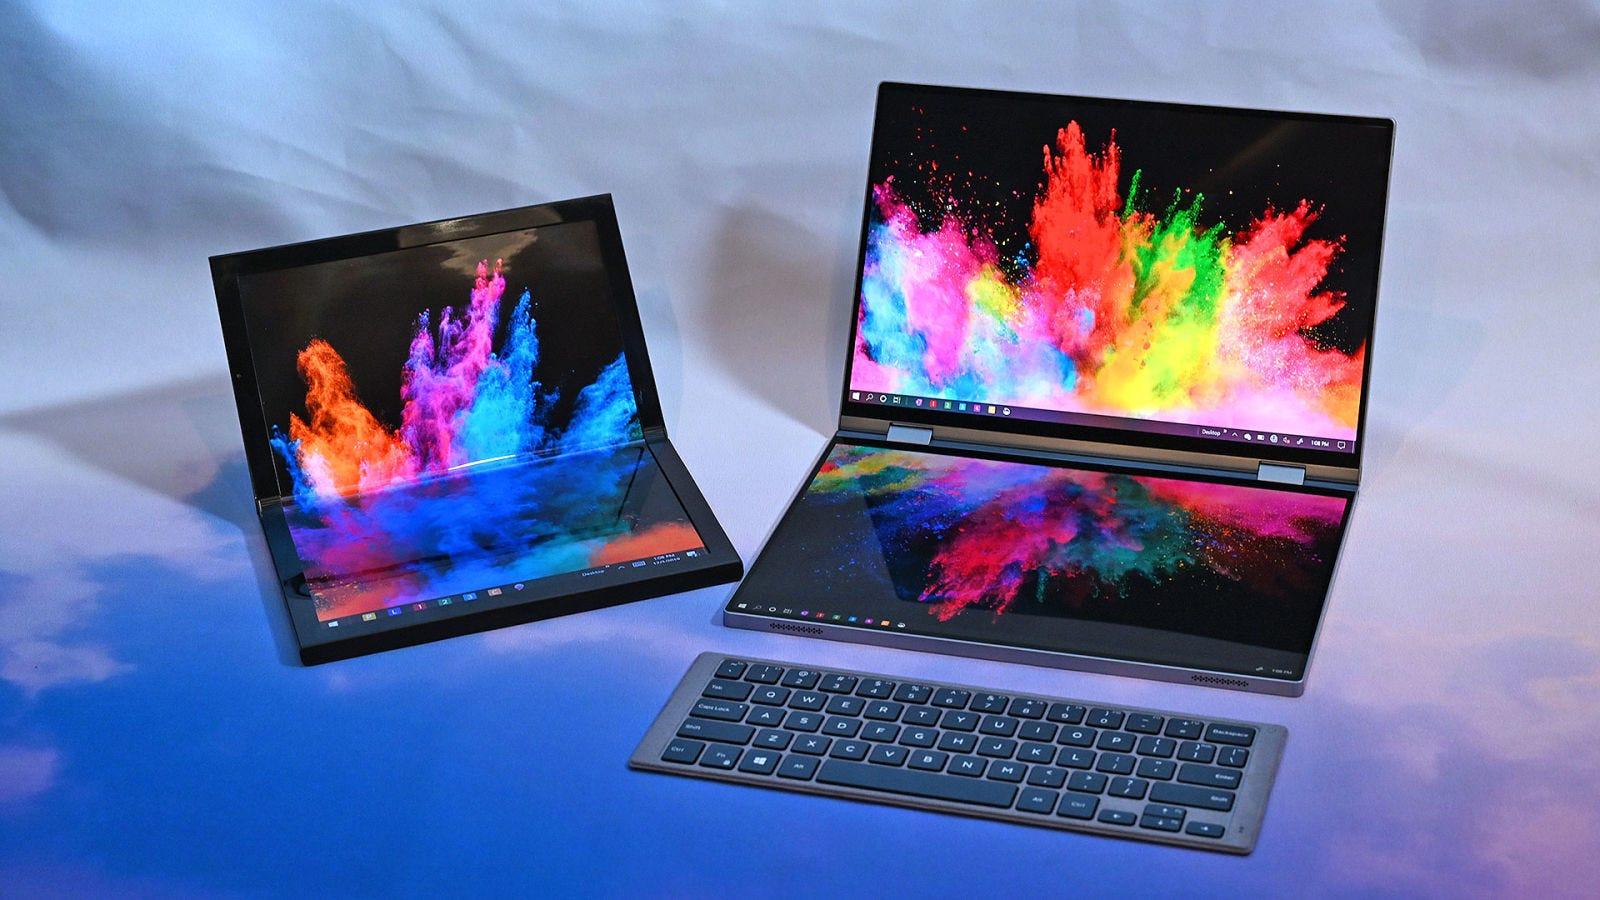 Estos son los nuevos prototípos de Dell. A la izquierda está Concept Ori y a la derecha Concept Duet. Foto: Sam Rutherford (Gizmodo)